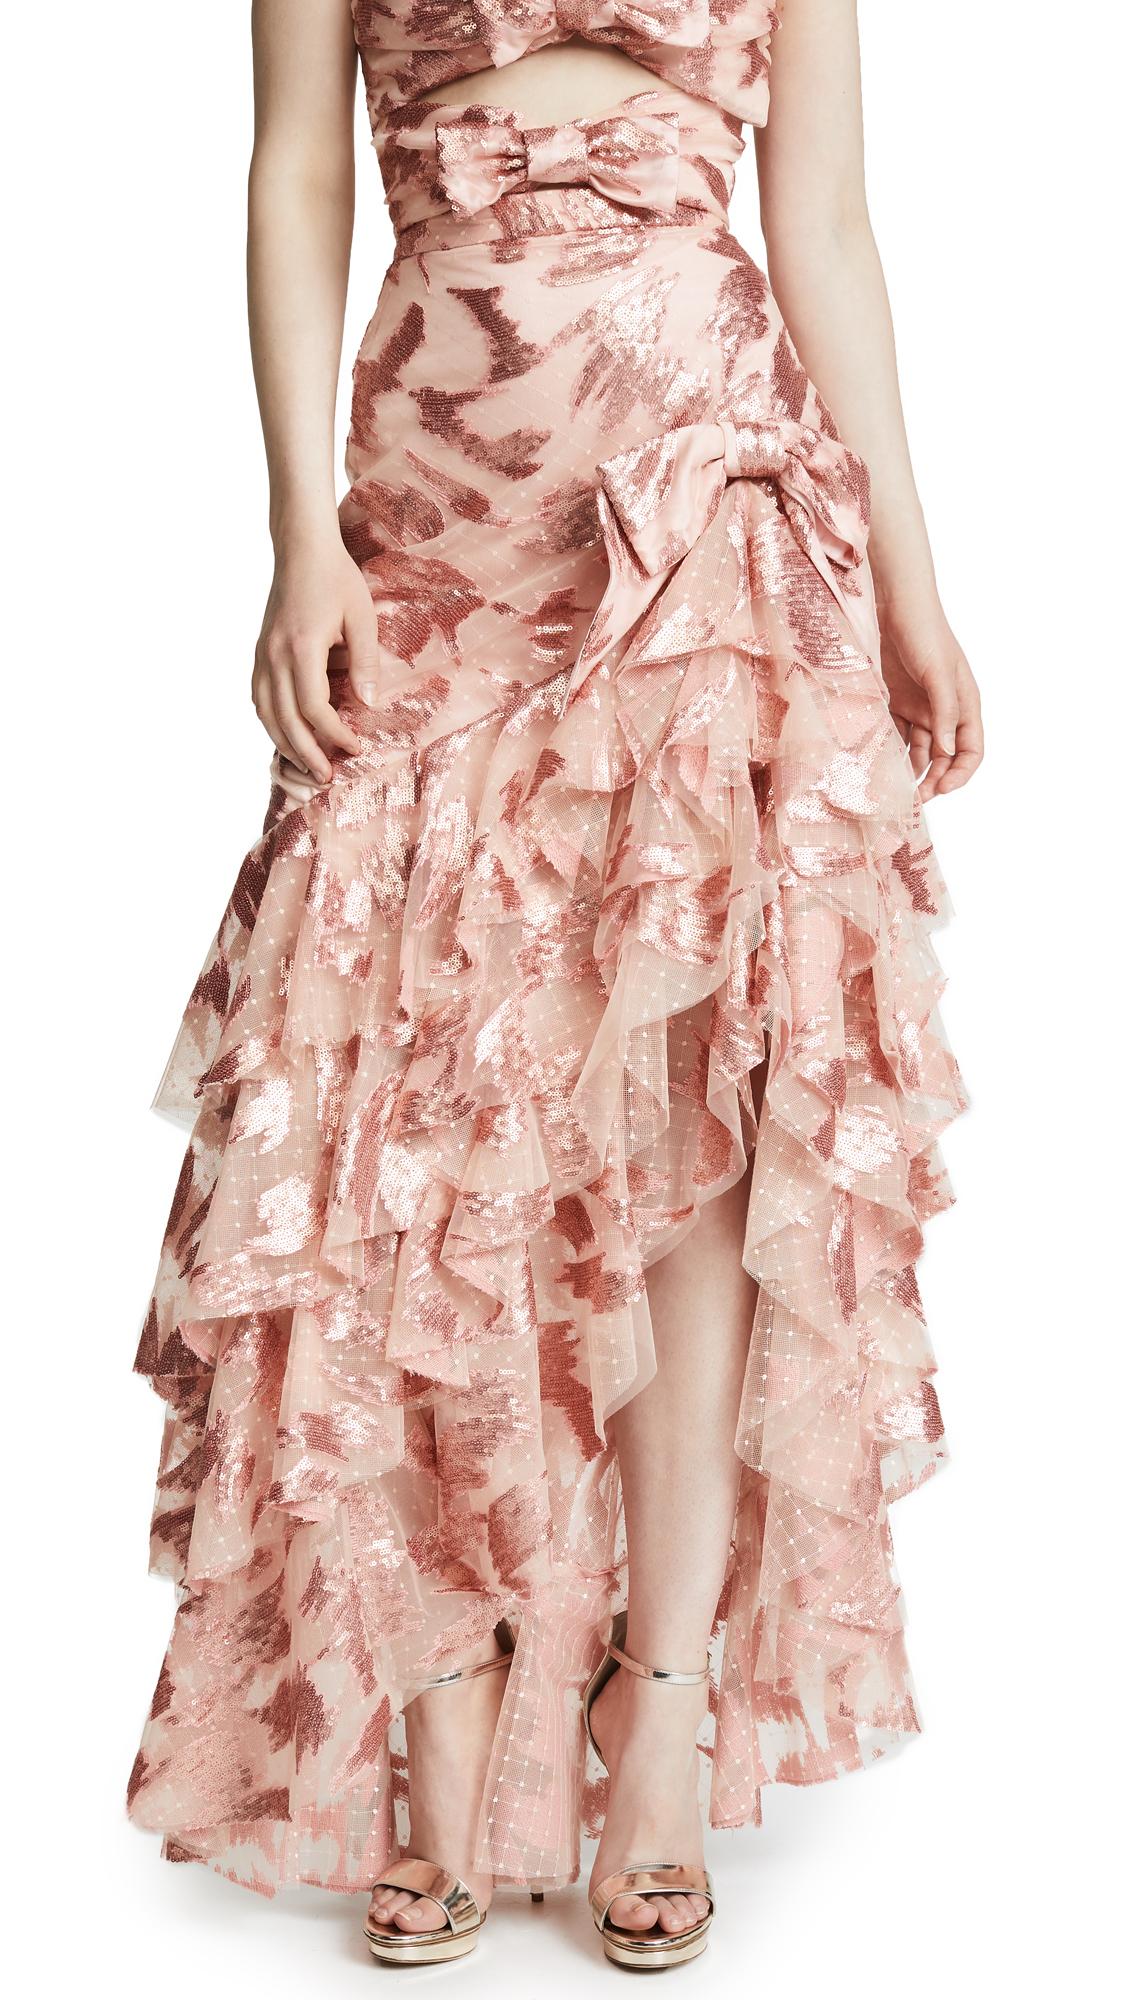 Rodarte Ruffled Skirt with Bow Detail